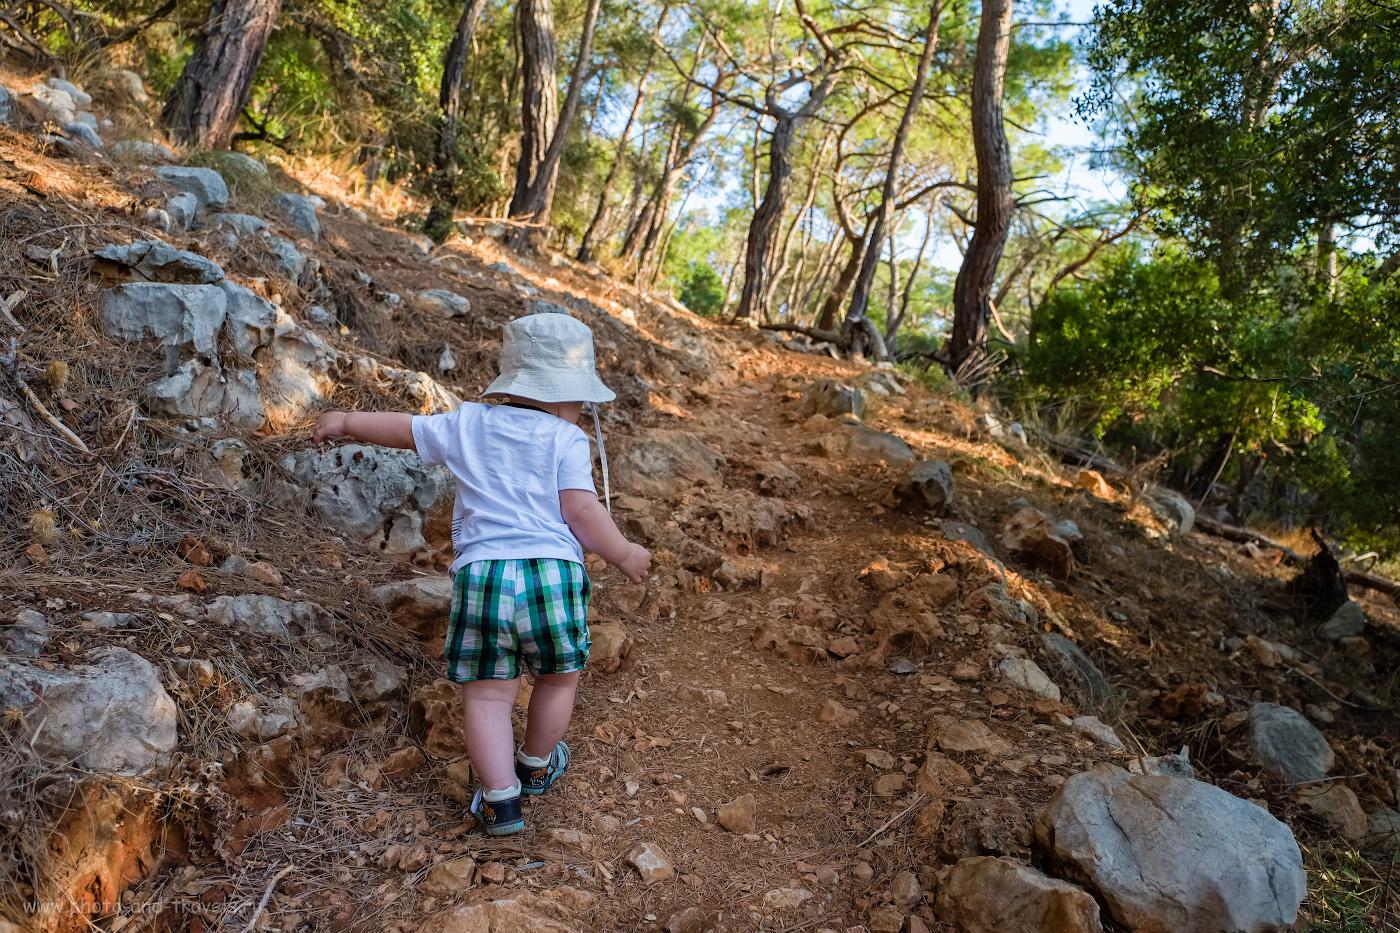 12. Можно ли с детьми идти в поход по Ликийской тропе? Кончено! Наш турист 1 года и 3,5 месяцев отроду шагал вполне уверенно. 1/200, 2.8, 200, -0.33, 16.